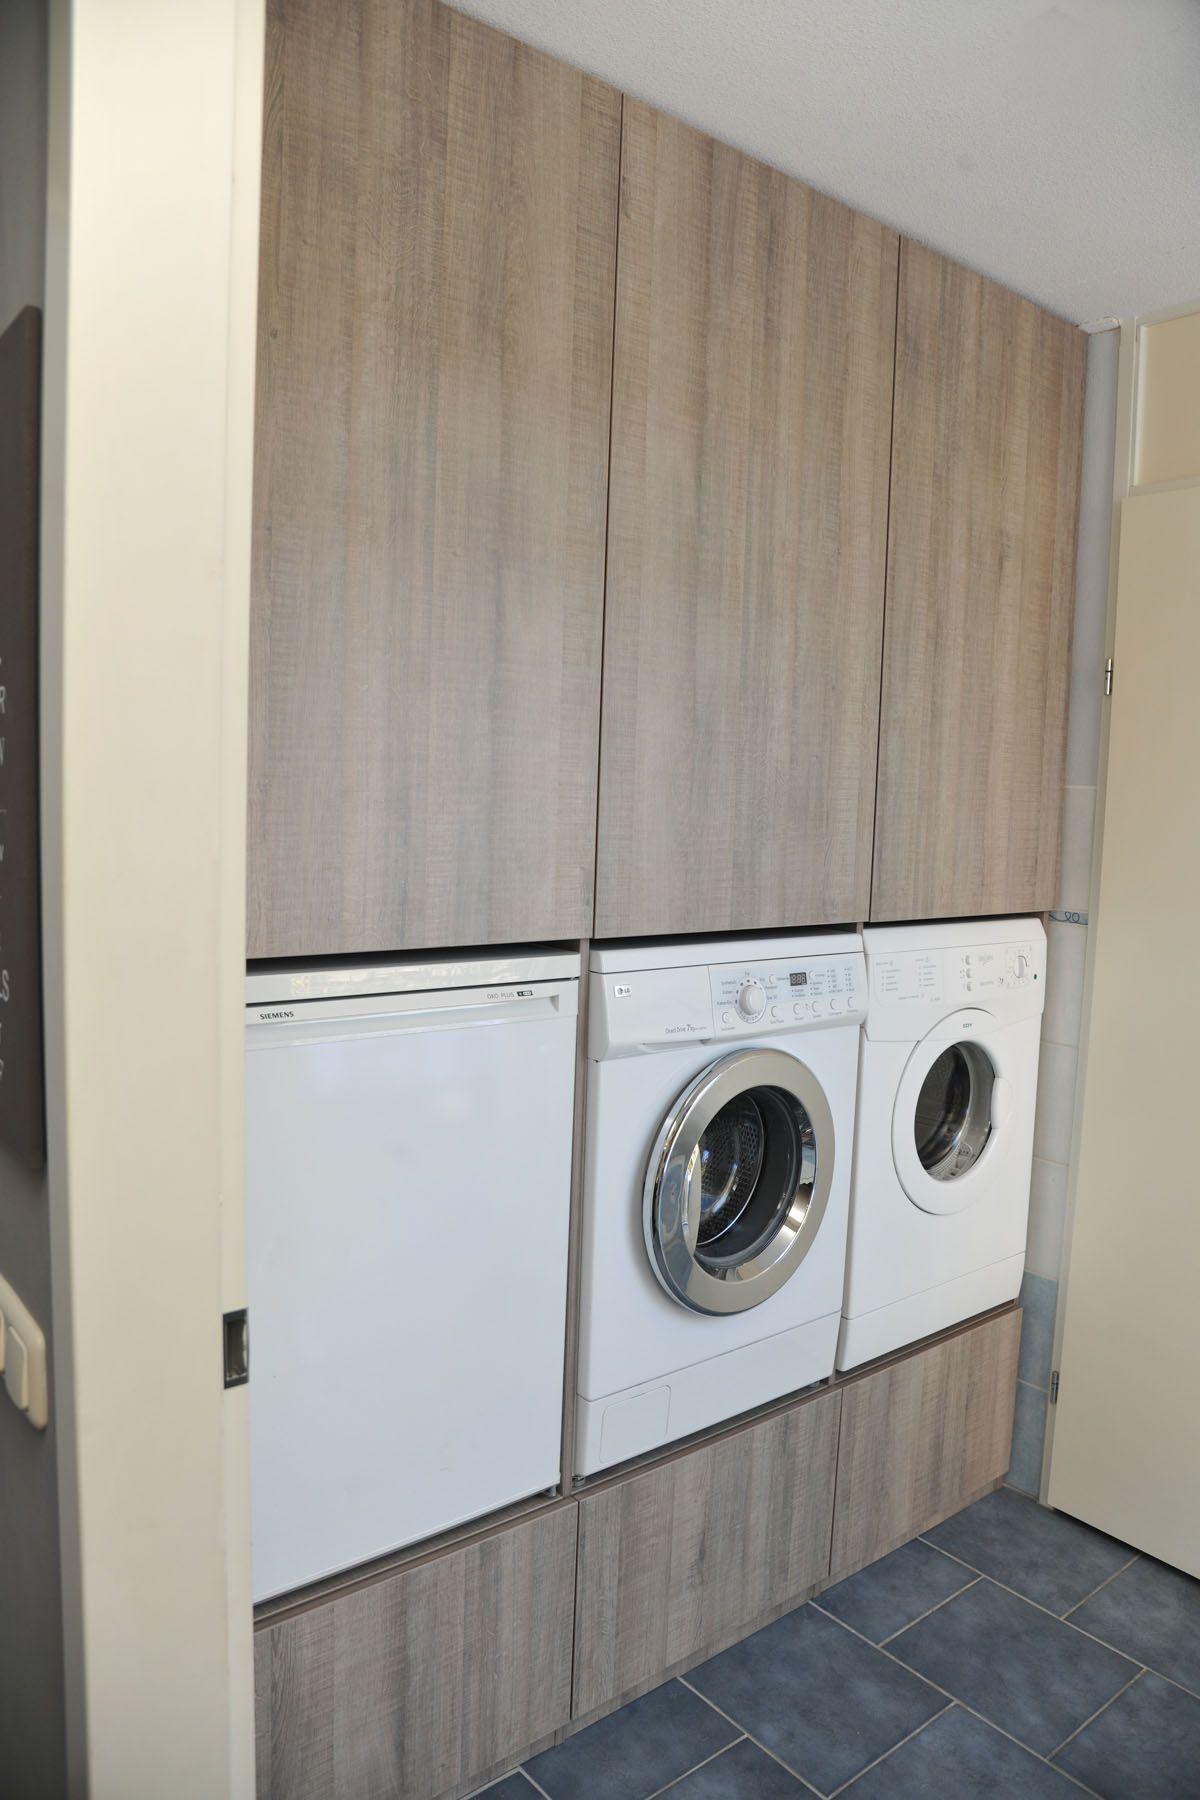 Kasten Wasmachine Op Maat Google Zoeken Washok Kast